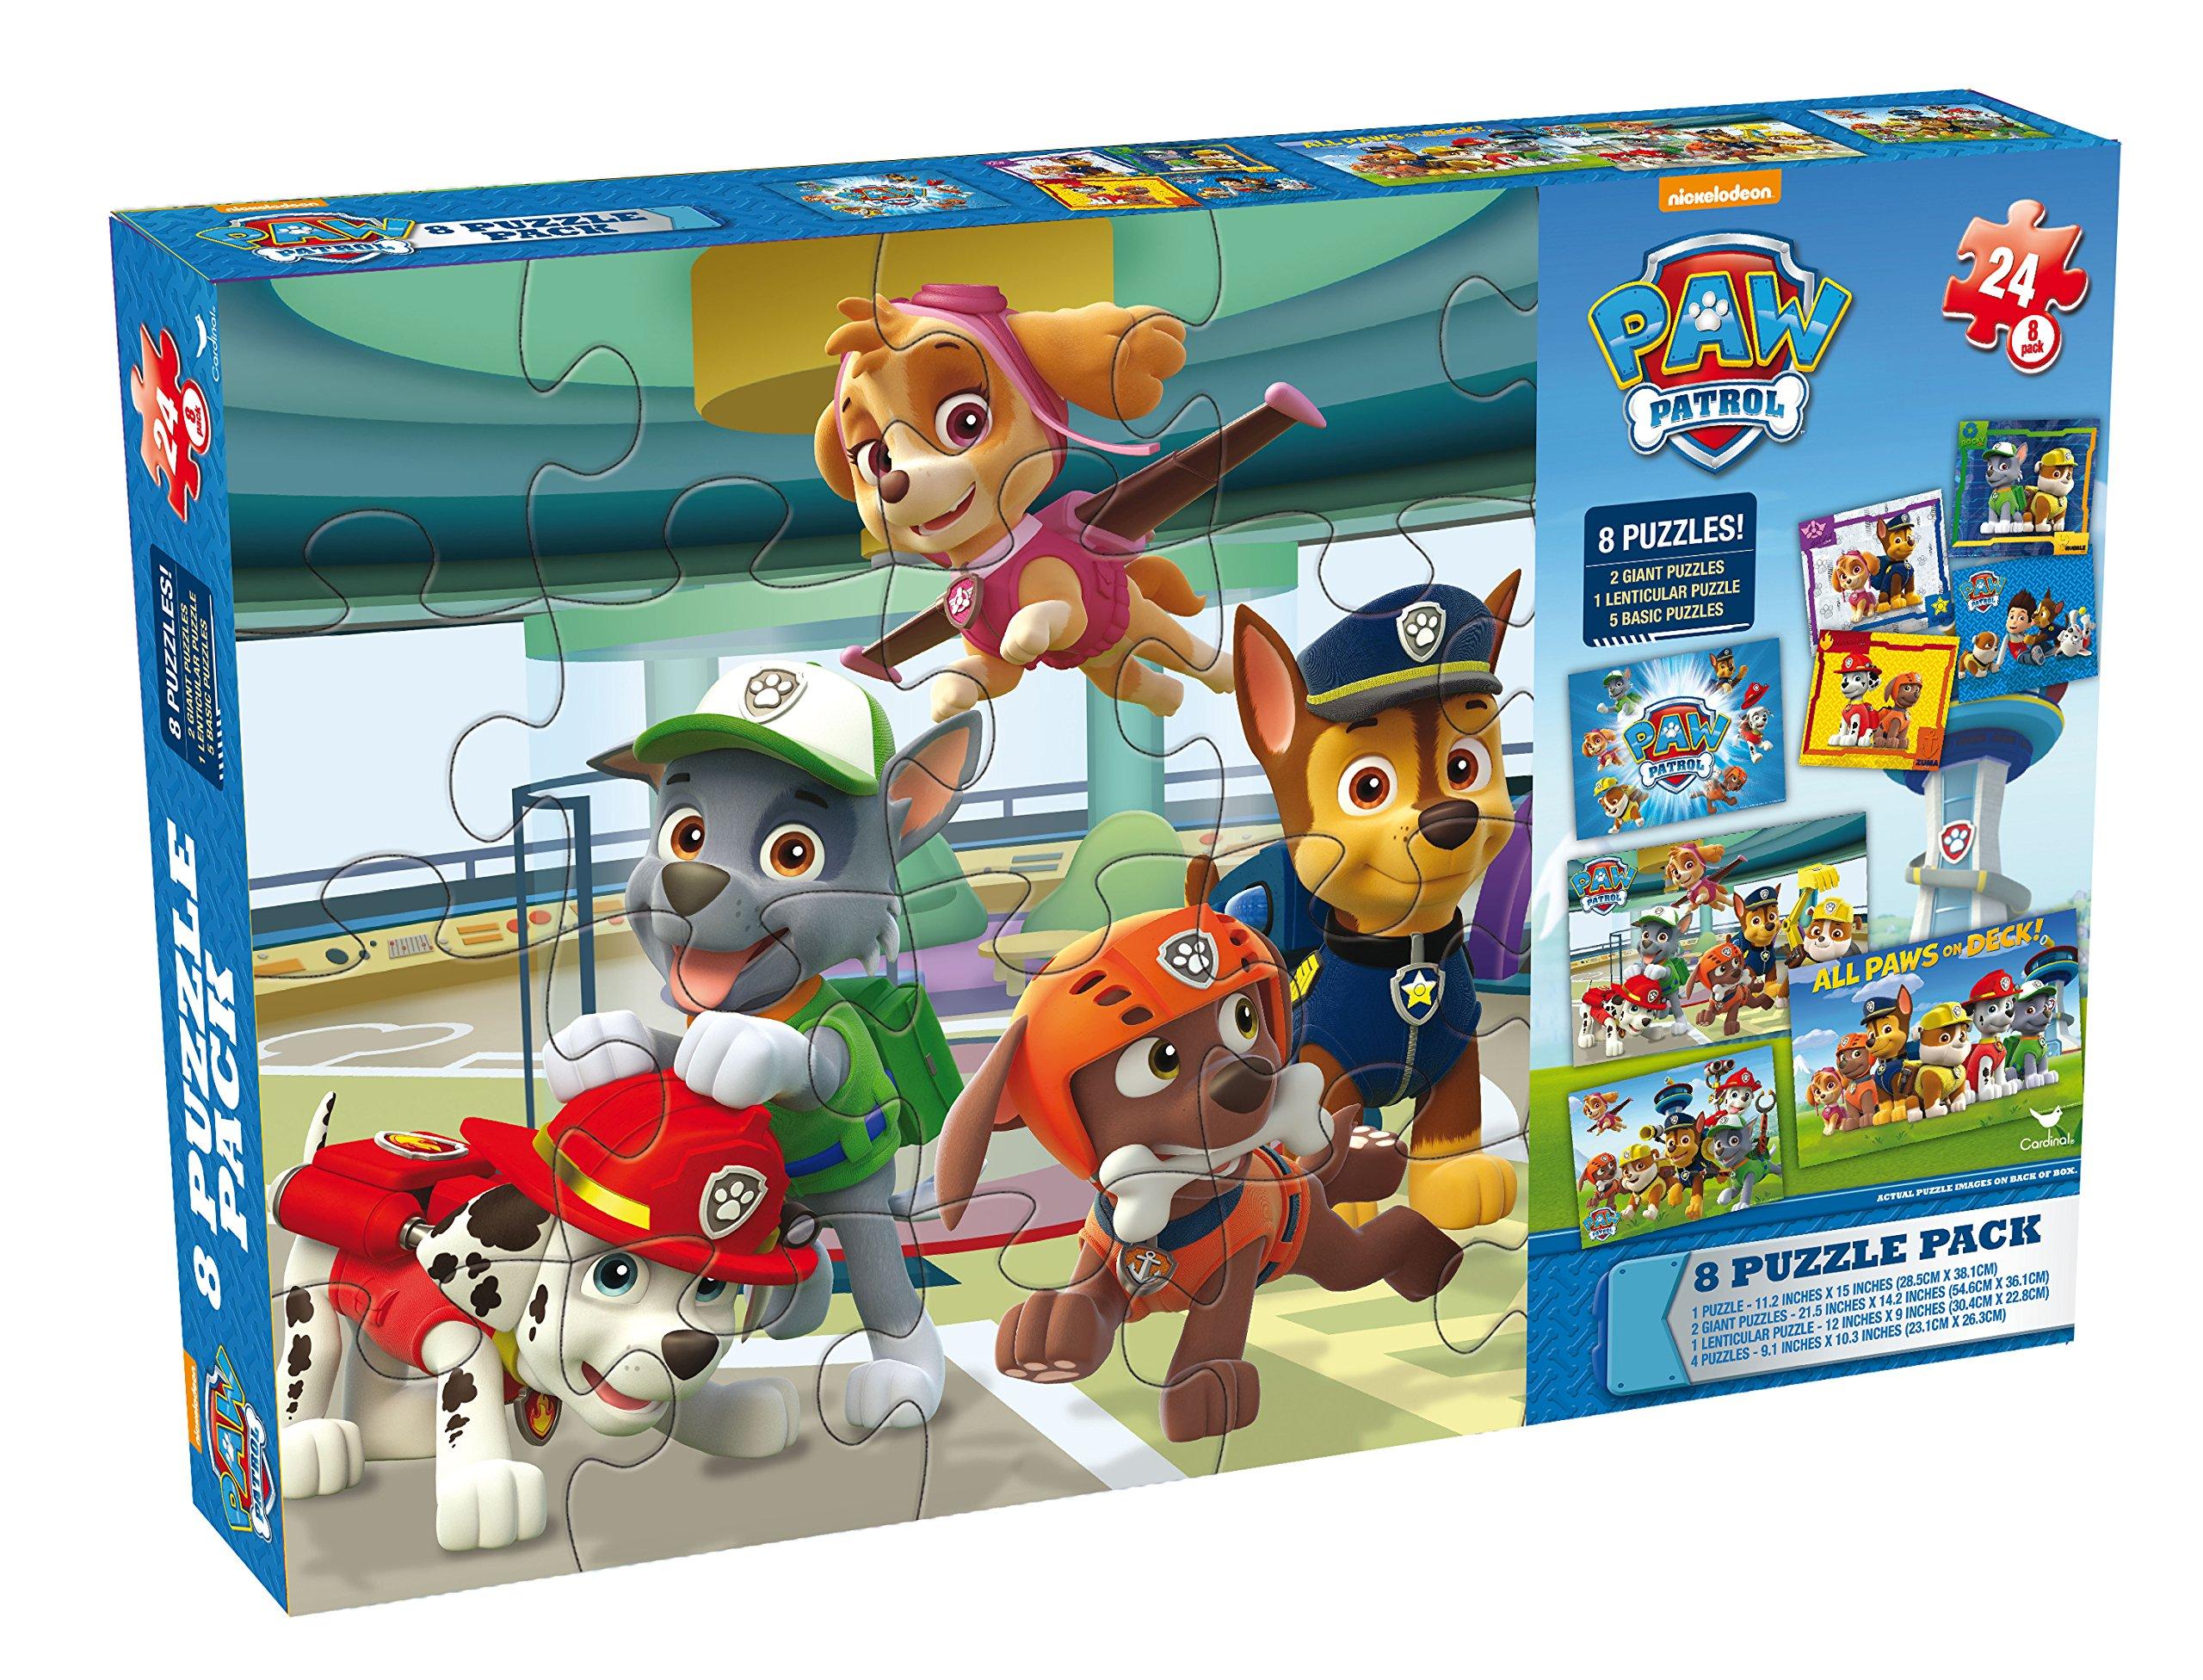 Paw Patrol Puzzles in Cardboard Box (8-Pack): Amazon.es: Juguetes y juegos